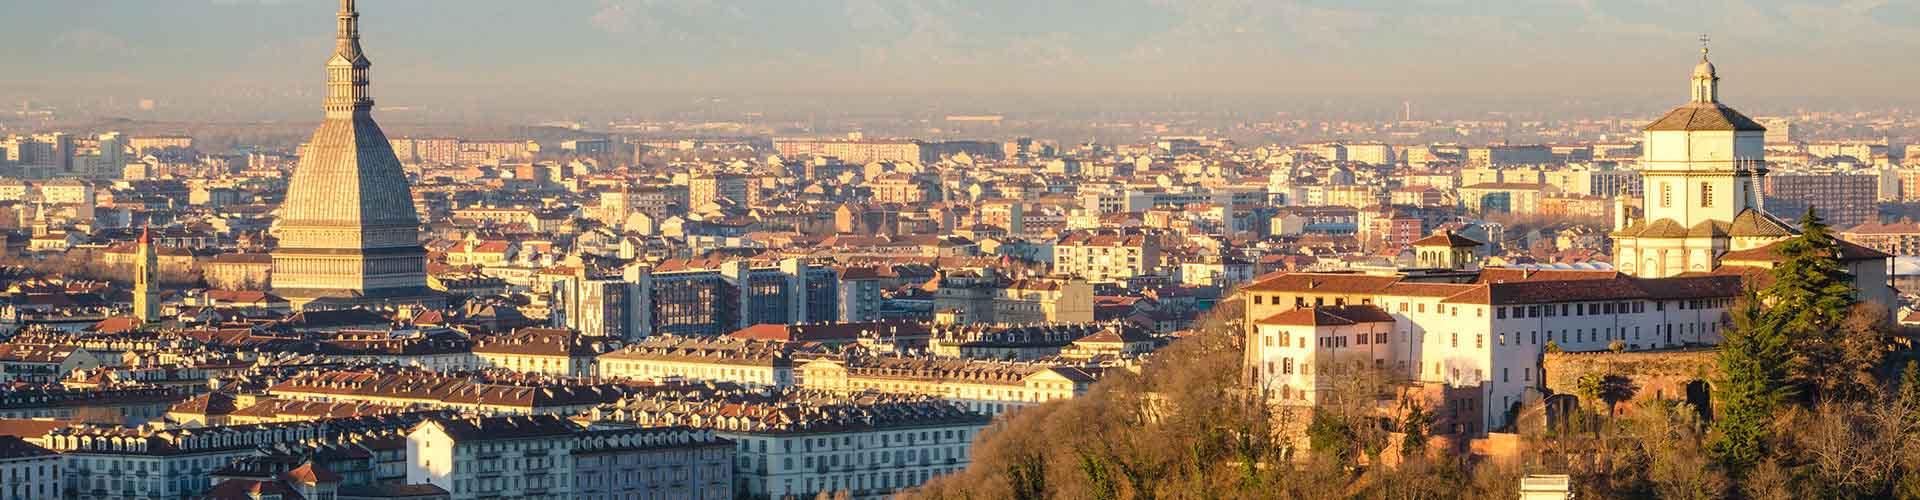 Torino – Ostelli a Torino. Mappe per Torino, Foto e  Recensioni per ogni Ostello a Torino.